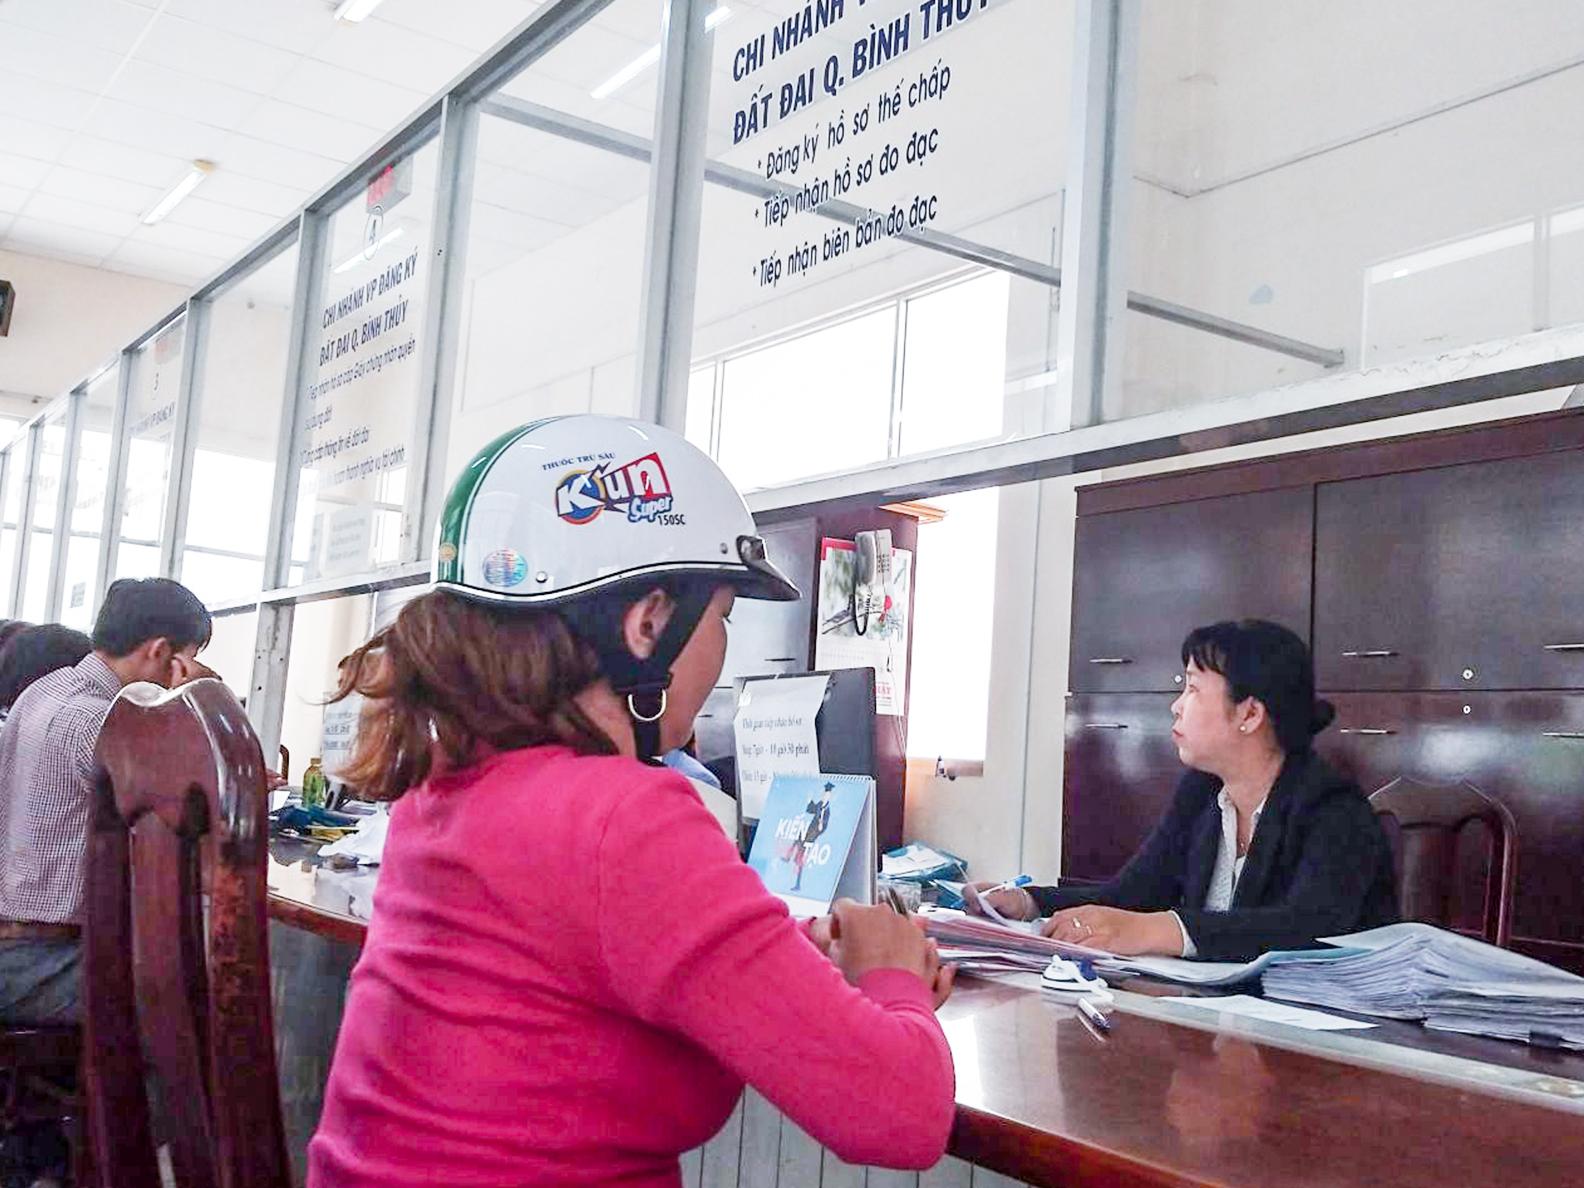 Người dân thực hiện thủ tục hành chính tại Bộ phận một cửa, UBND quận Bình Thủy. Ảnh: MINH HUYỀN